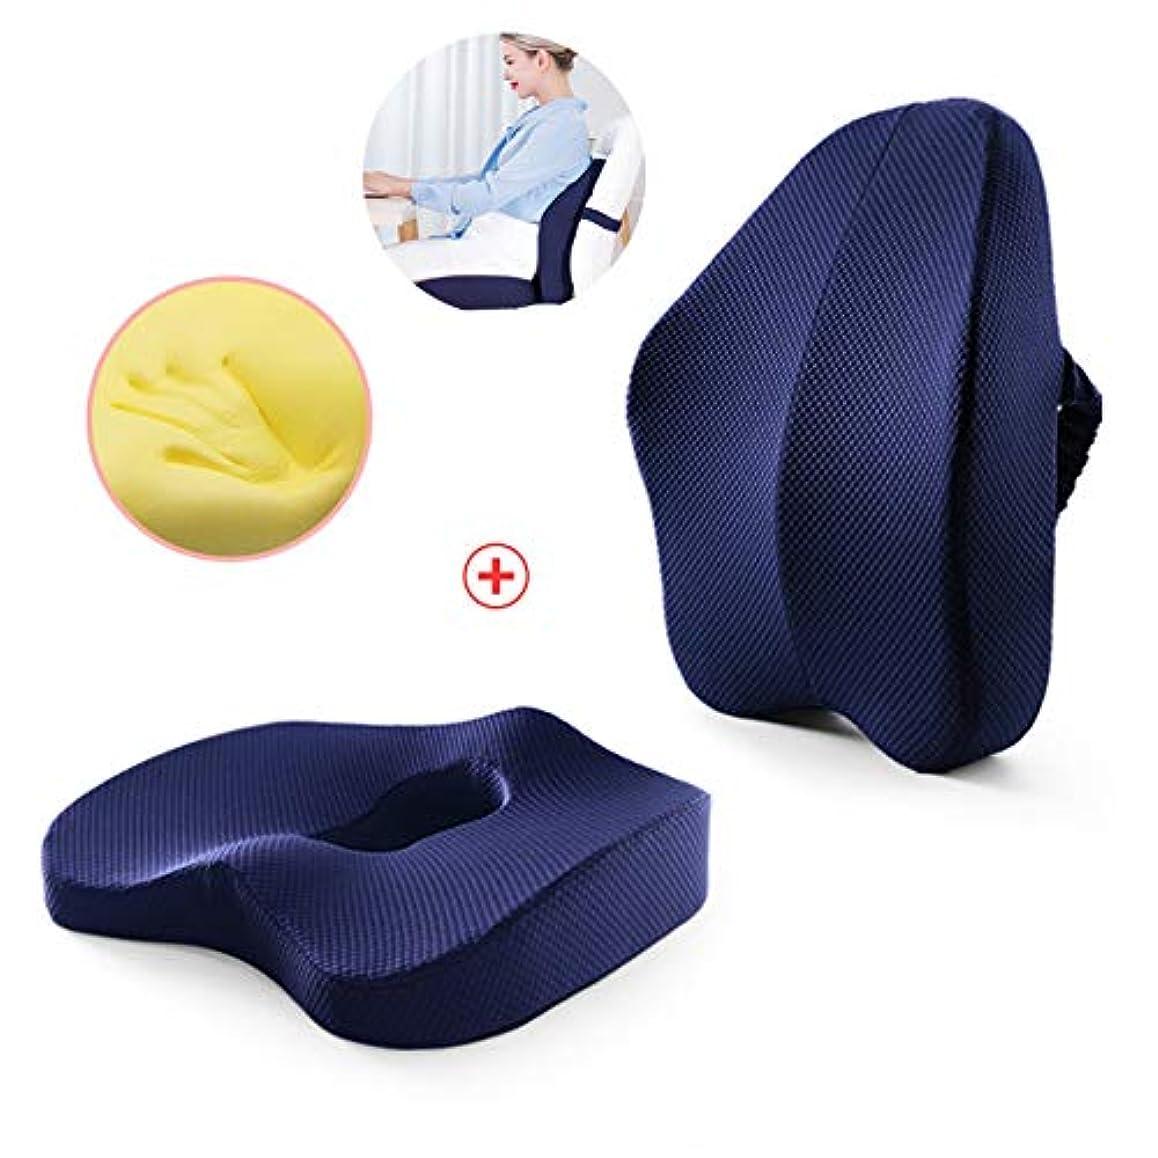 のスコア祖先注入するシートクッションとランバーサポート 低反発フォームの洗えるカバークッション、車のオフィスコンピュータチェア車椅子用